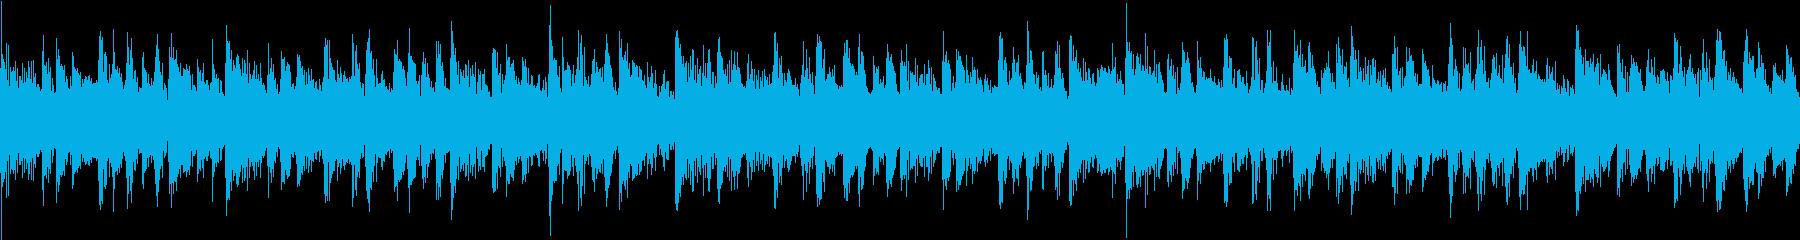 色々なBGMに使えるループサウンドの再生済みの波形